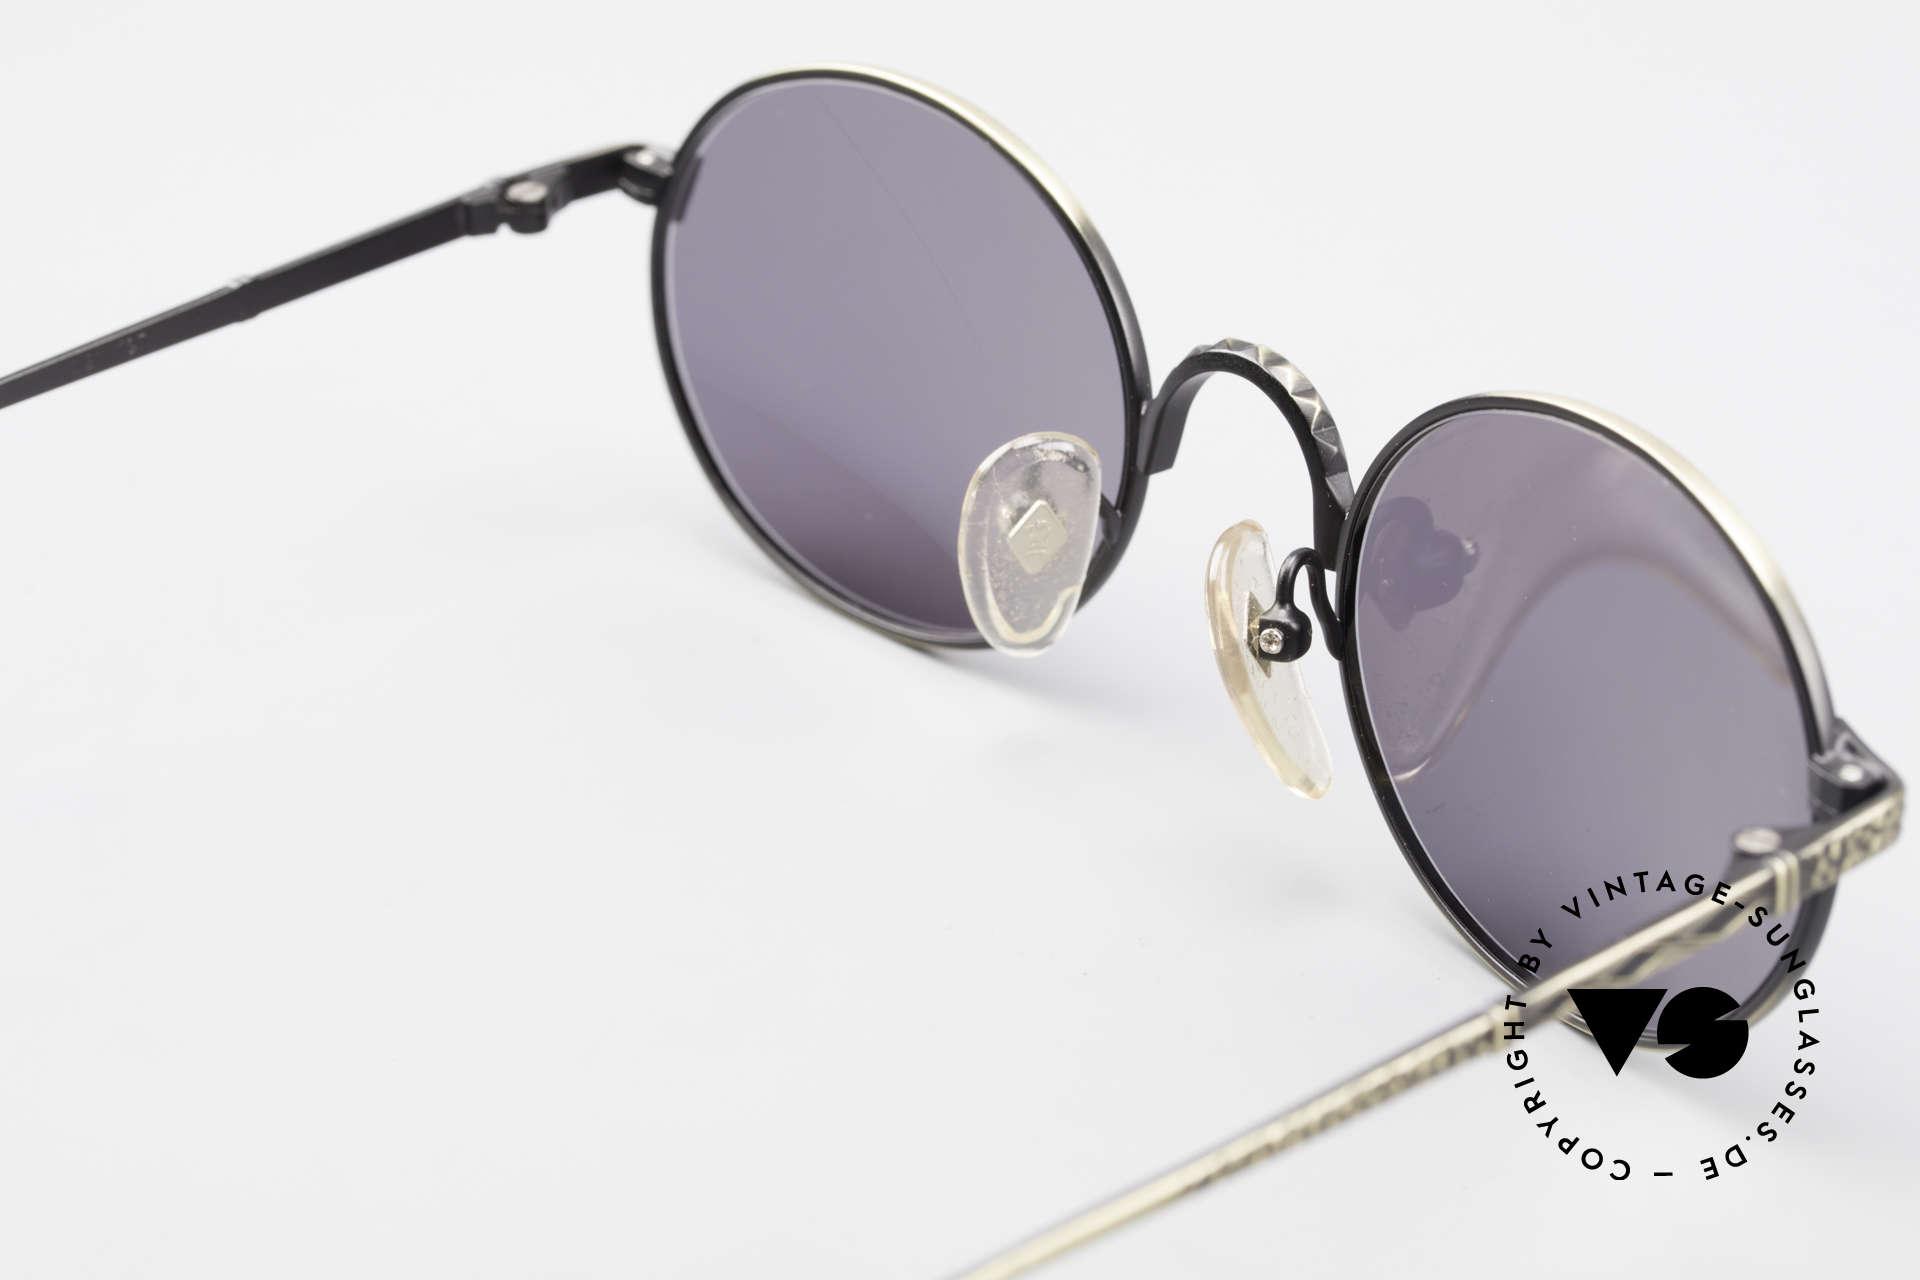 Jean Paul Gaultier 55-9672 Ovale 90er JPG Sonnenbrille, Größe: medium, Passend für Herren und Damen